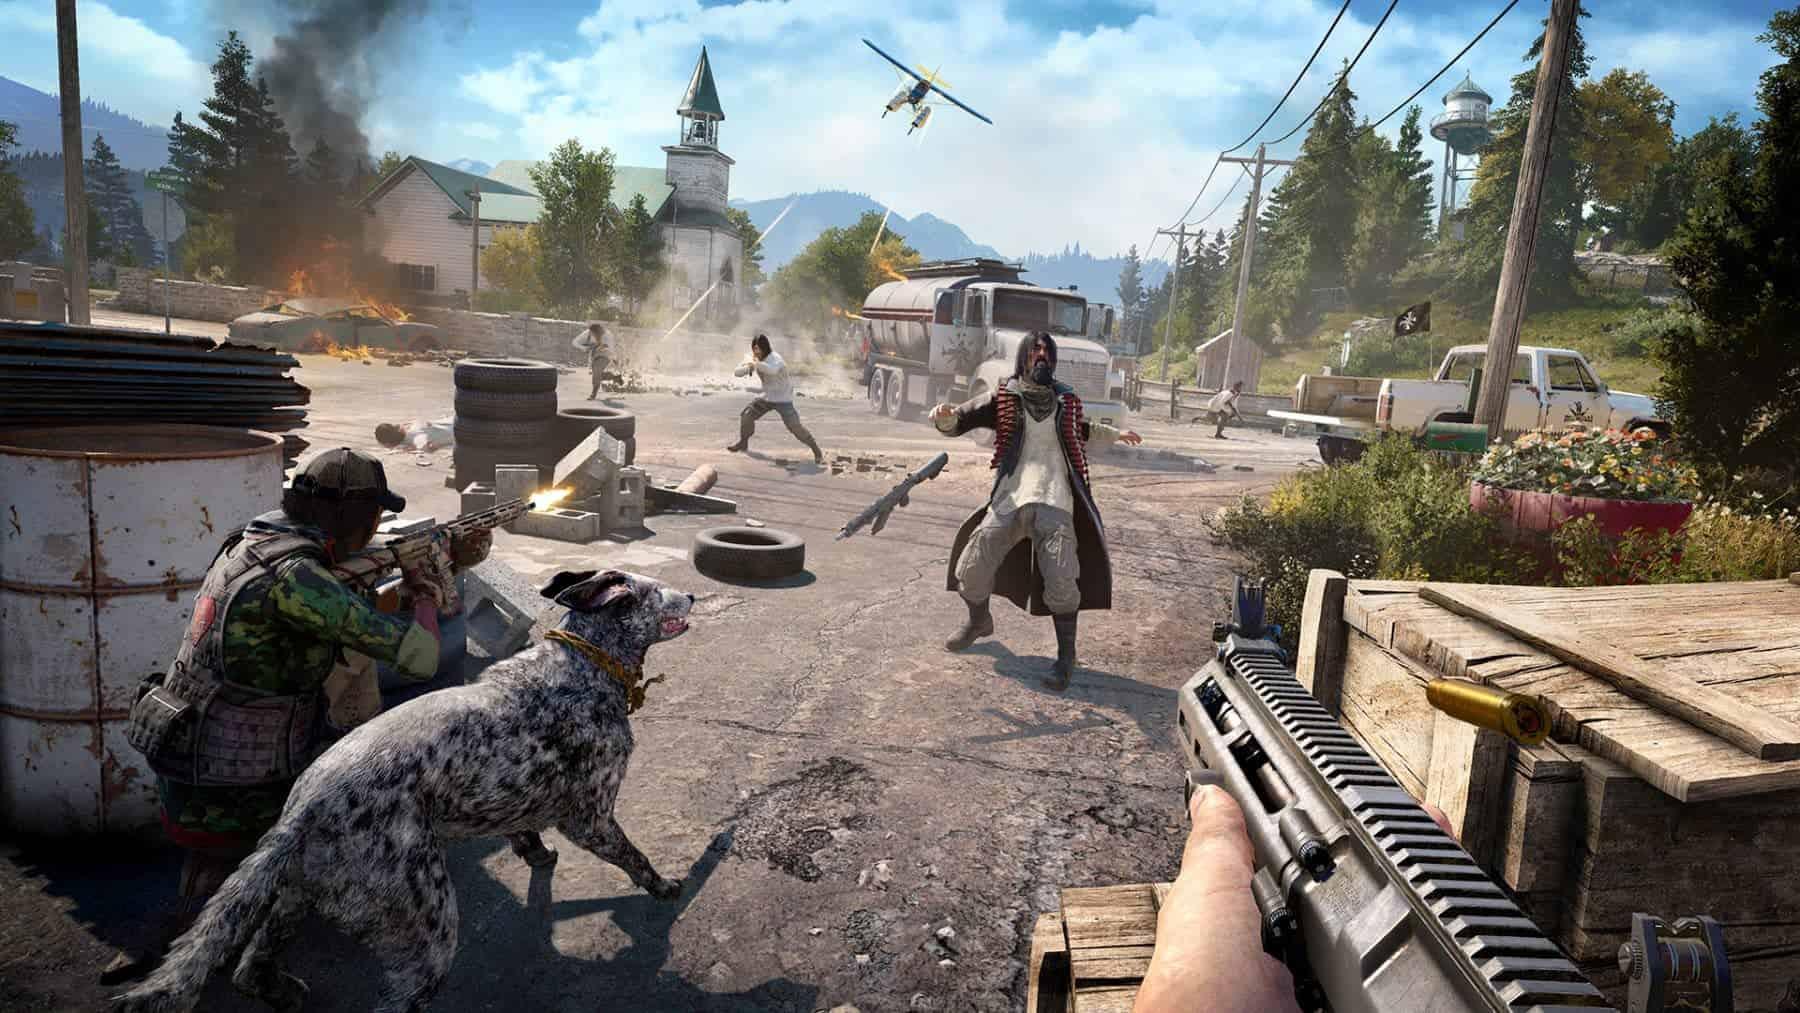 lekker knallen in Far Cry 5